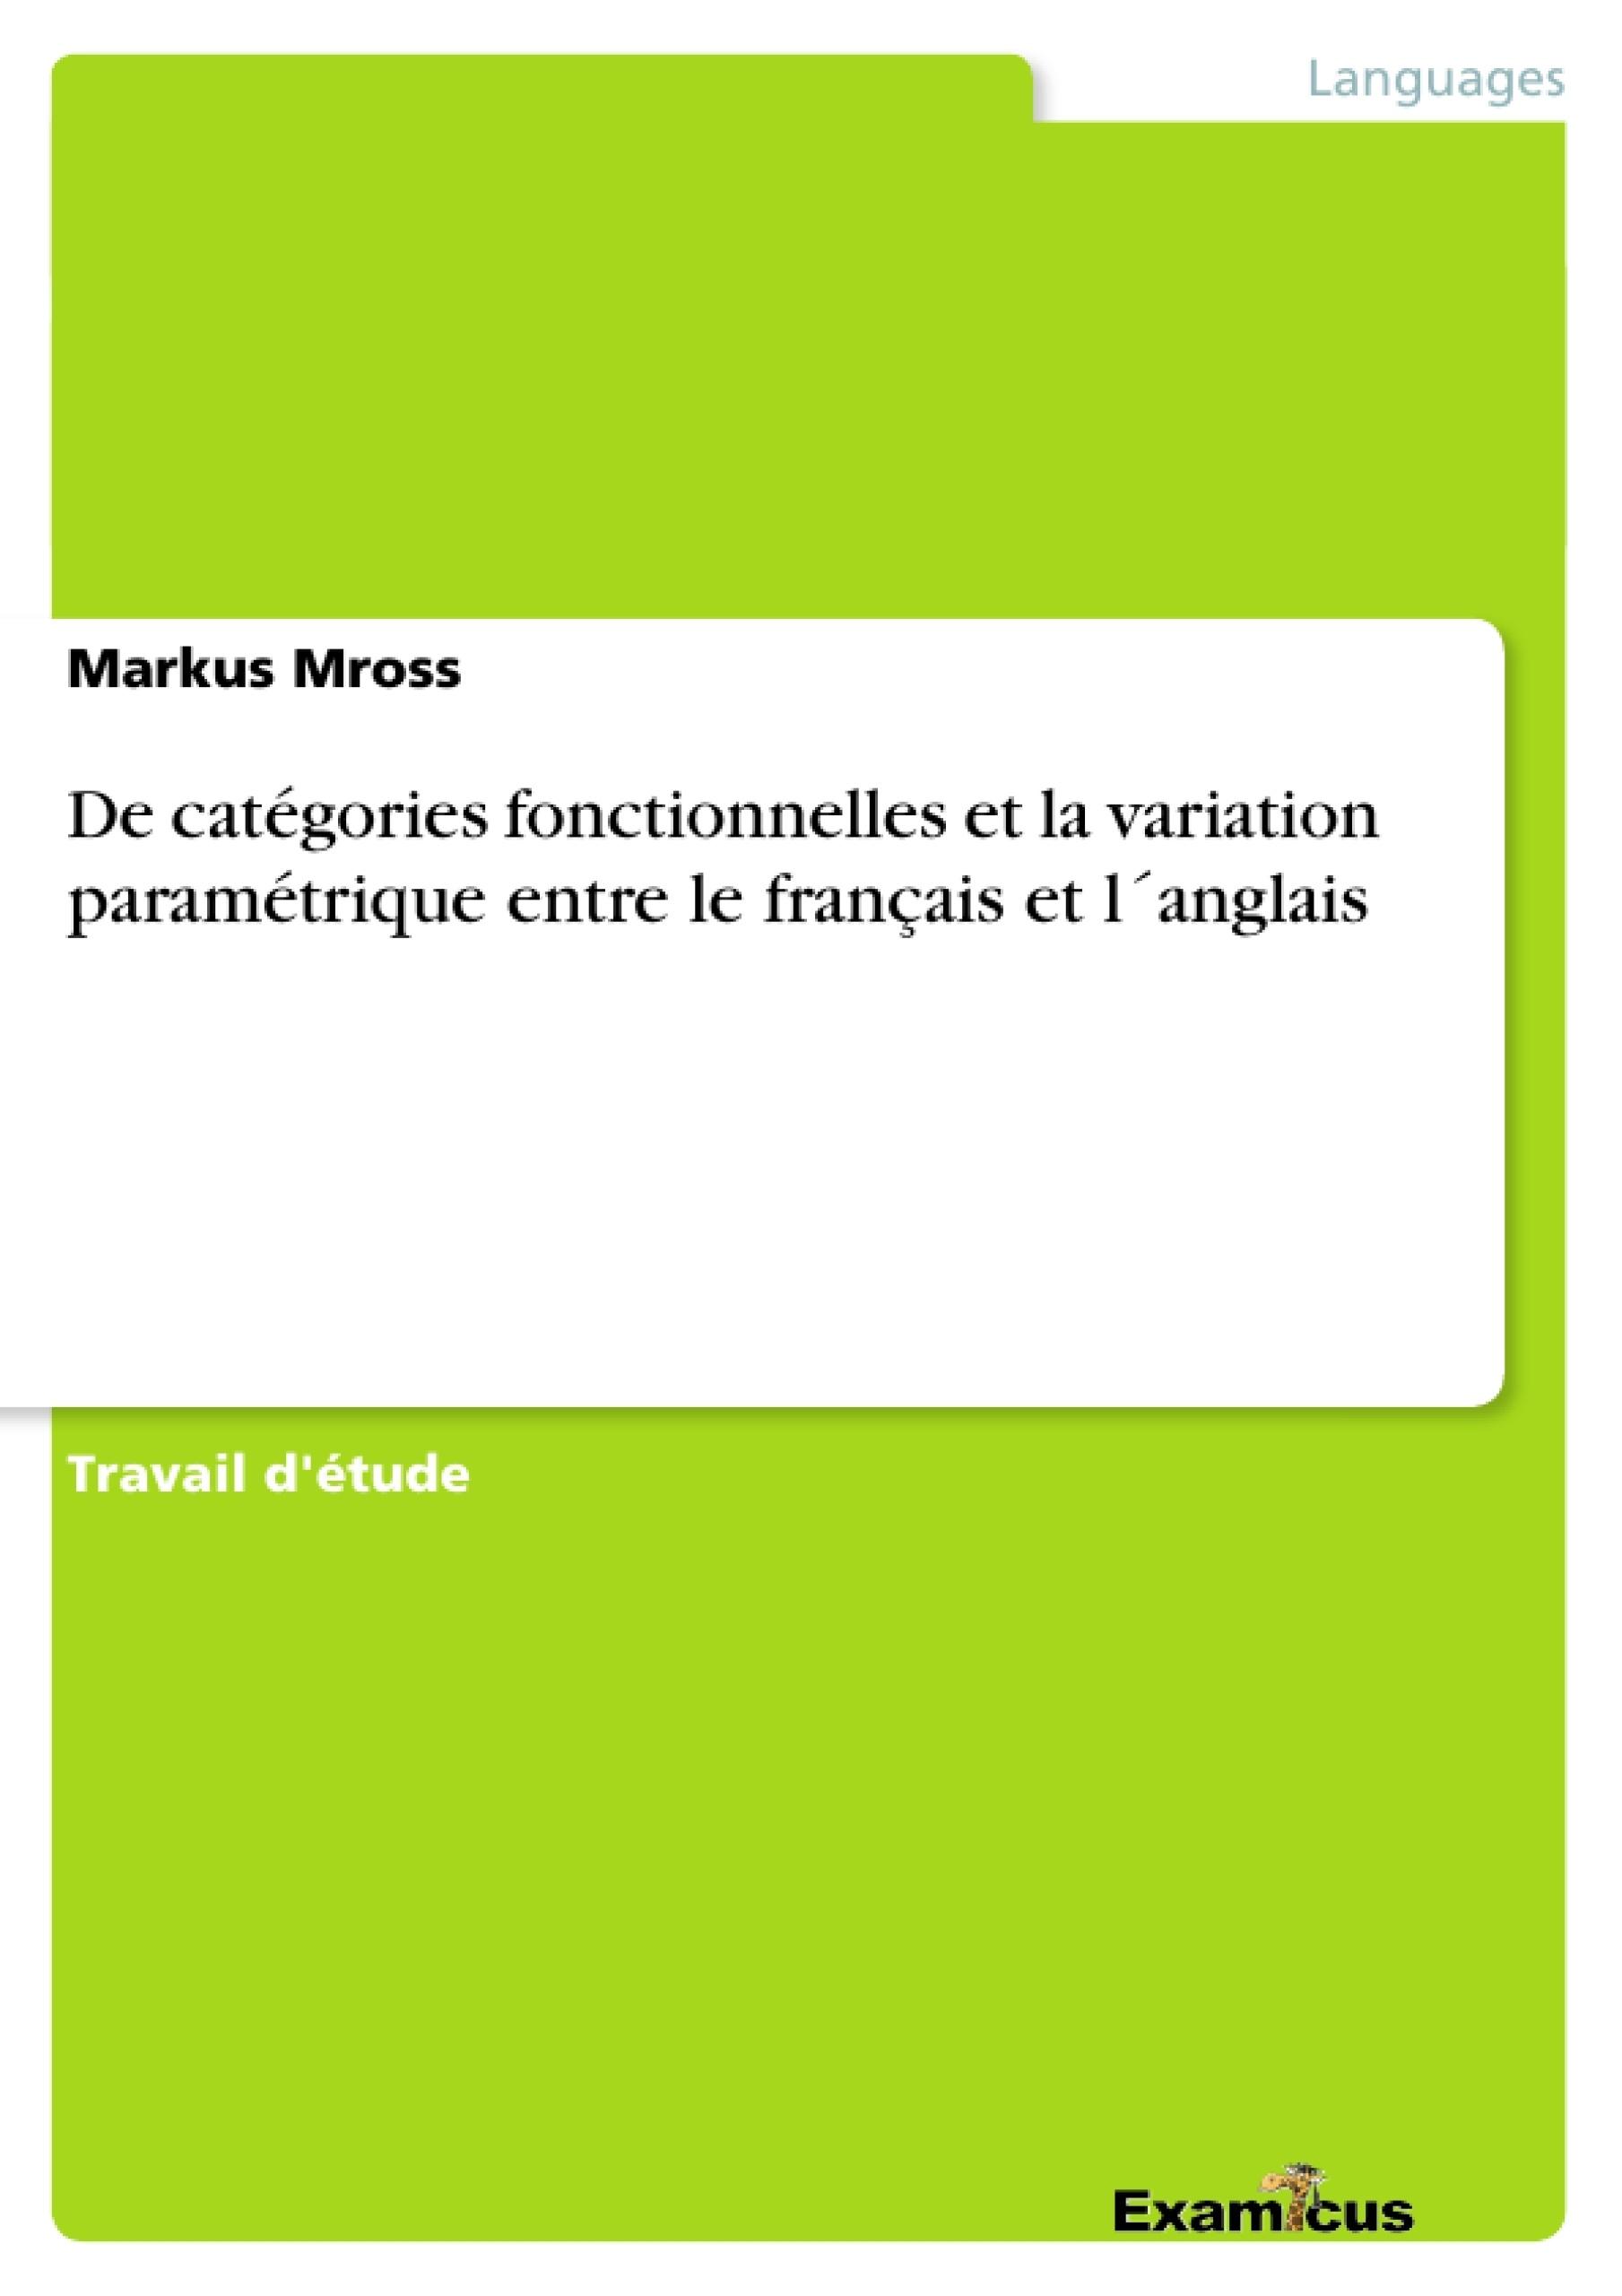 Titre: De catégories fonctionnelles et la variation paramétrique entre le français et l´anglais